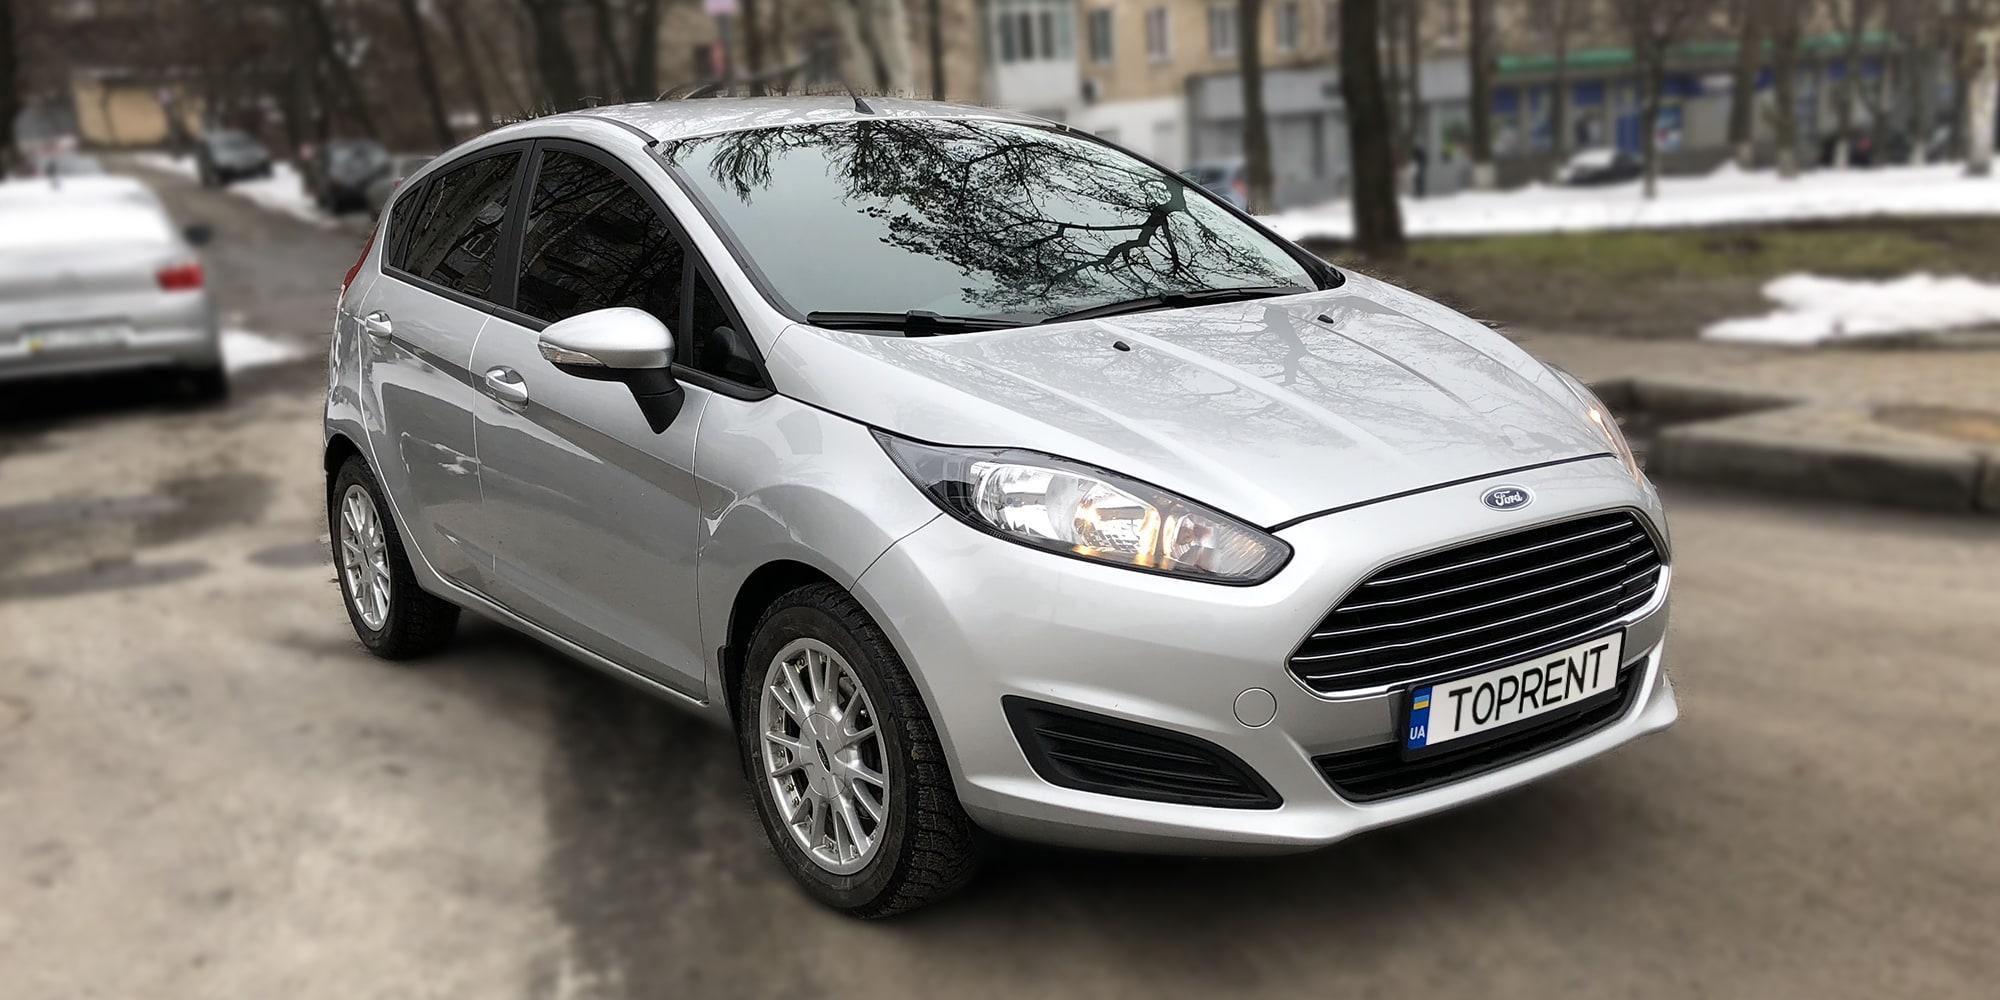 Прокат и аренда авто Ford Fiesta - фото 2 | TOPrent.ua